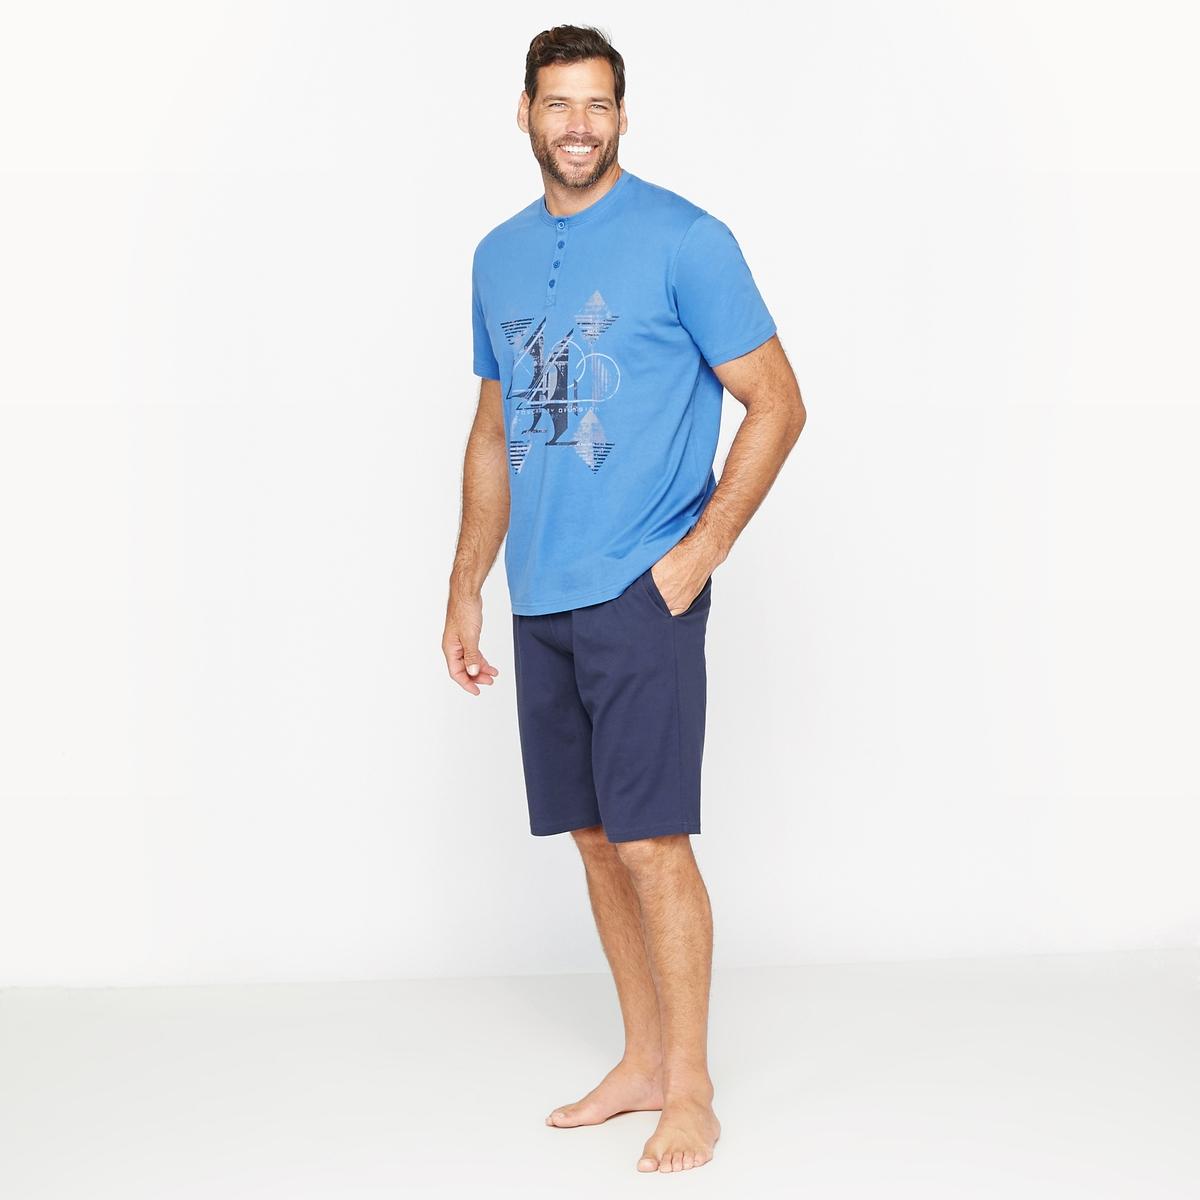 Пижама с шортами с круглым вырезом с разрезом спереди и рисункомМатериал : джерси, 100% хлопок.Марка : CASTALUNA FOR MEN.Уход : Машинная стирка при 40 °С.<br><br>Цвет: синий/темно-синий<br>Размер: 62/64